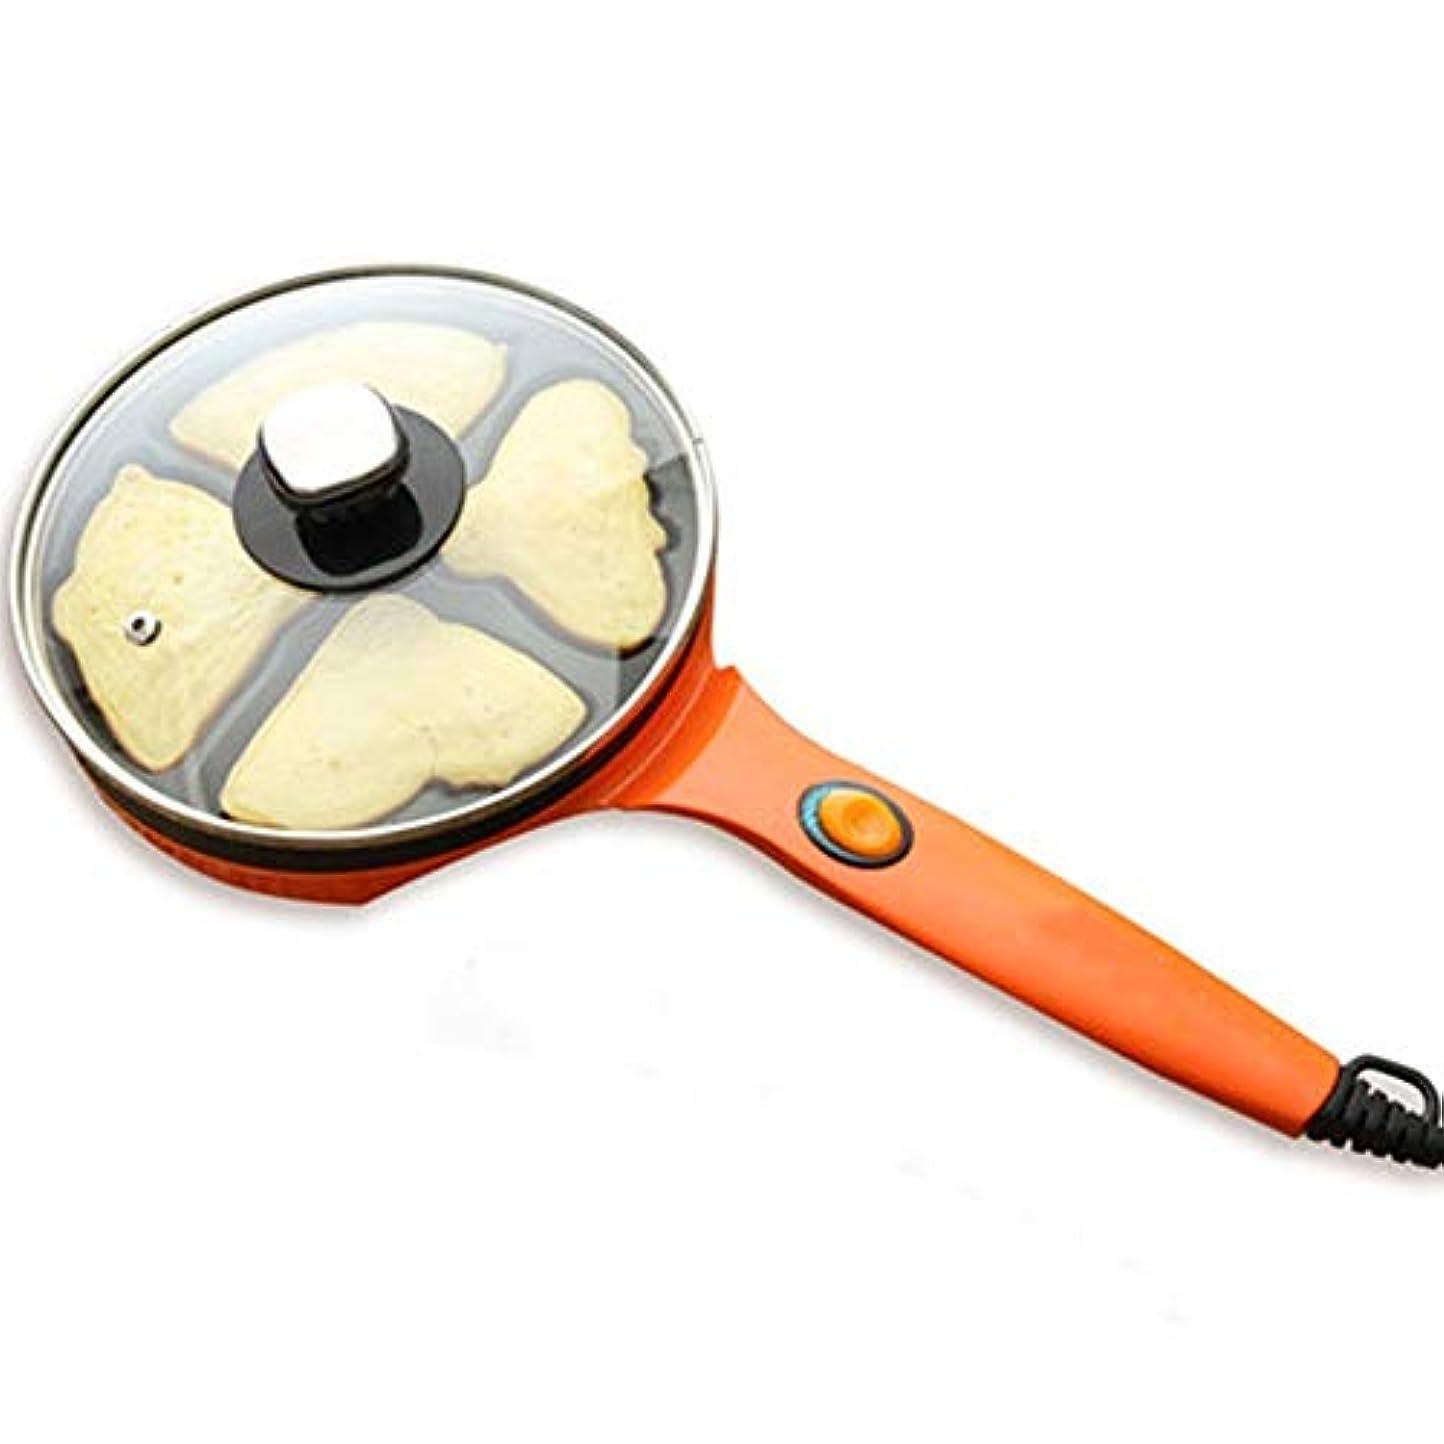 散髪米ドルアクションマルチサンドメーカー ケーキマシン家庭自動ミニ卵メーカー自動シャットダウンダブル暖房を両面 安全でクリーンに簡単に (色 : Orange, Size : 44x20x12cm)